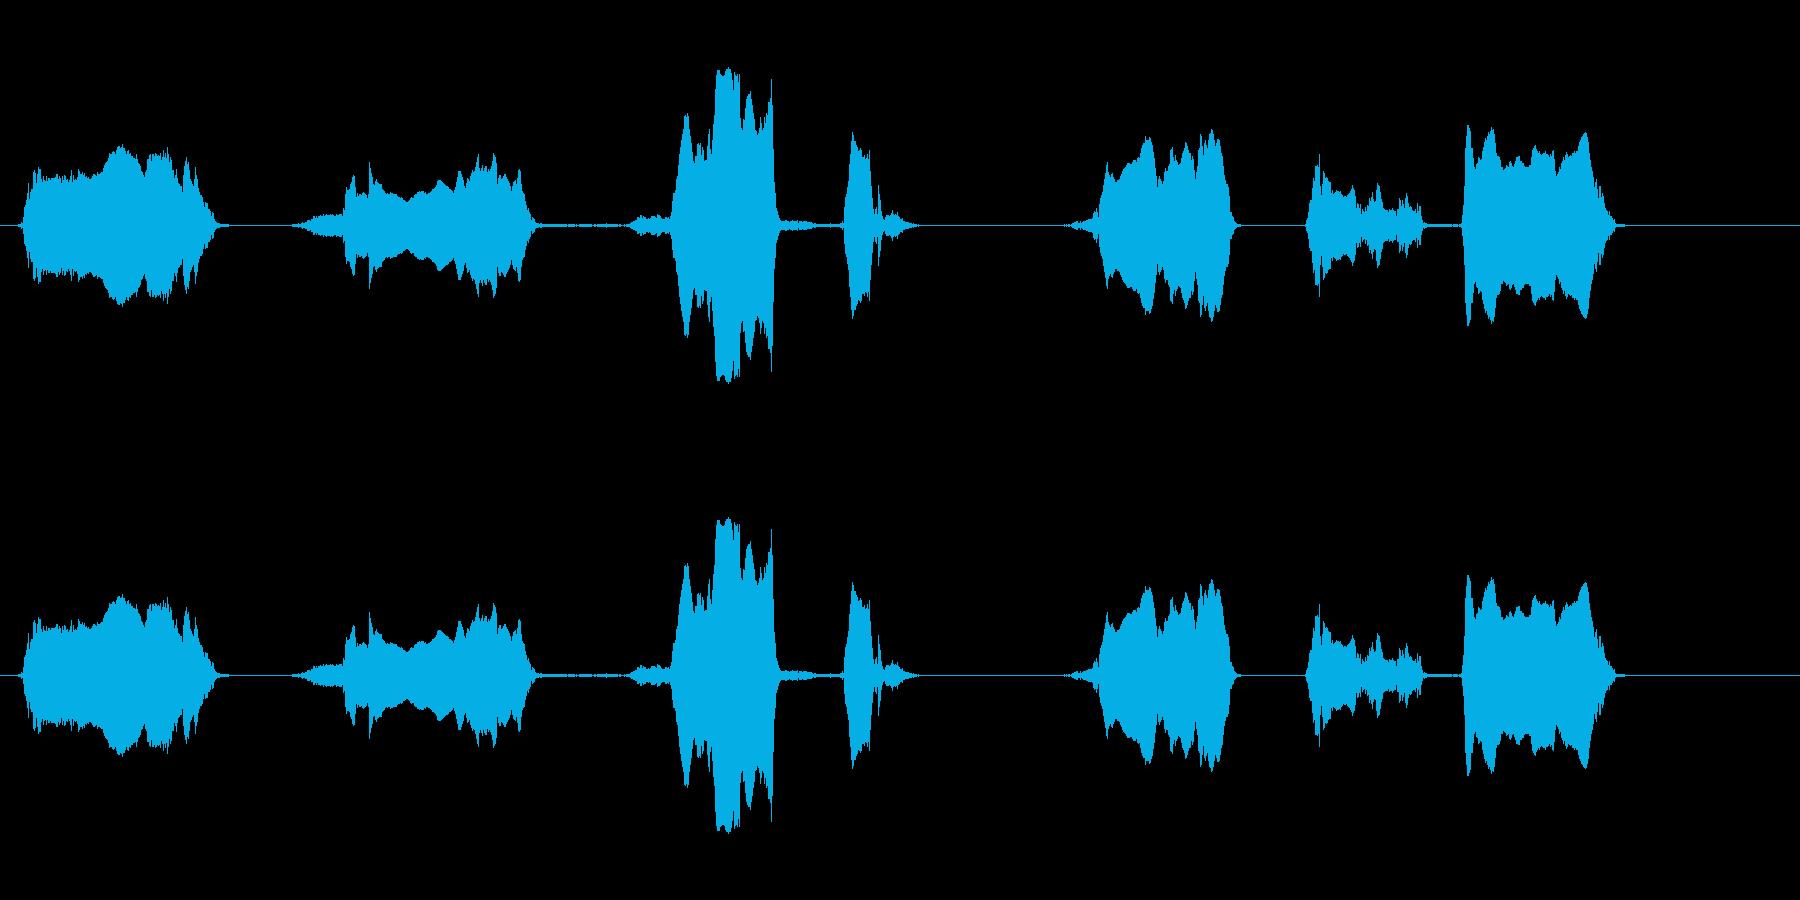 ブルベローズ;さまざまな、近い視点の再生済みの波形